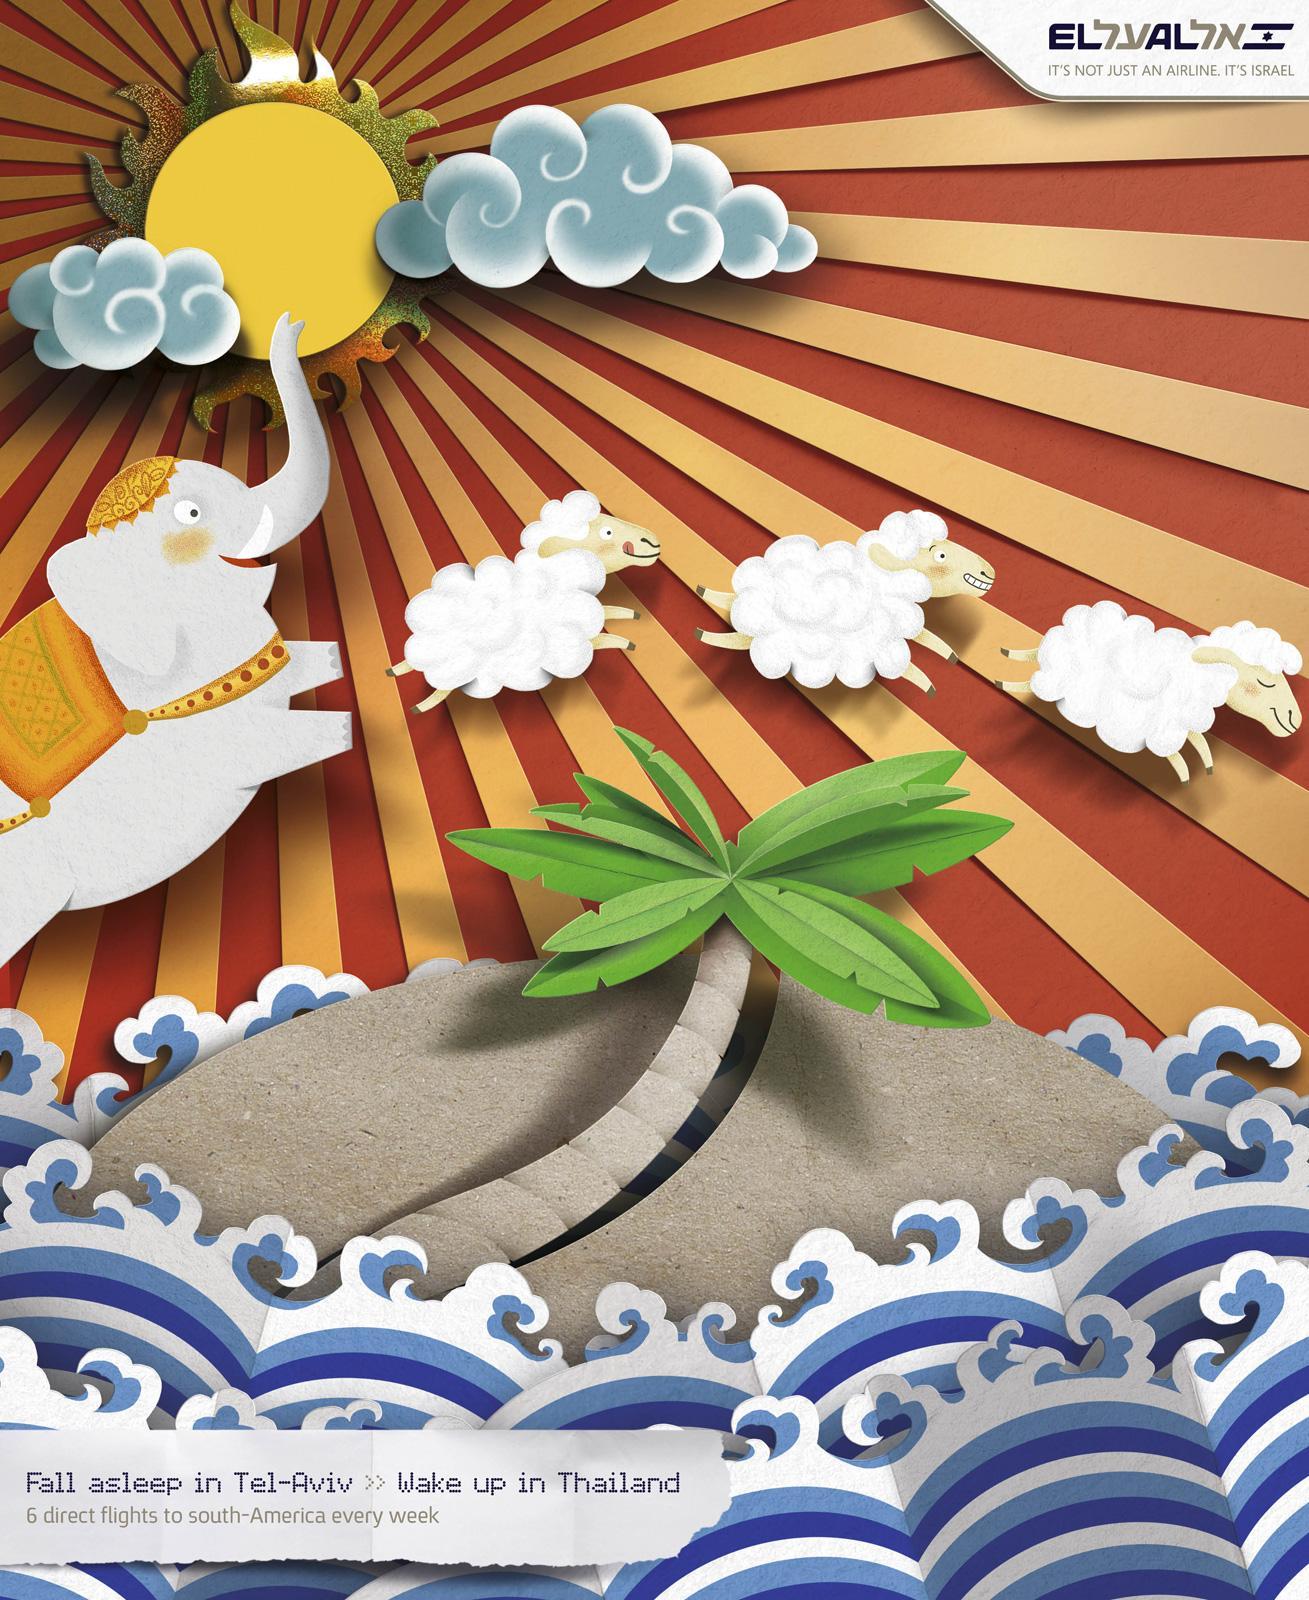 EL AL Print Ad -  Thailand